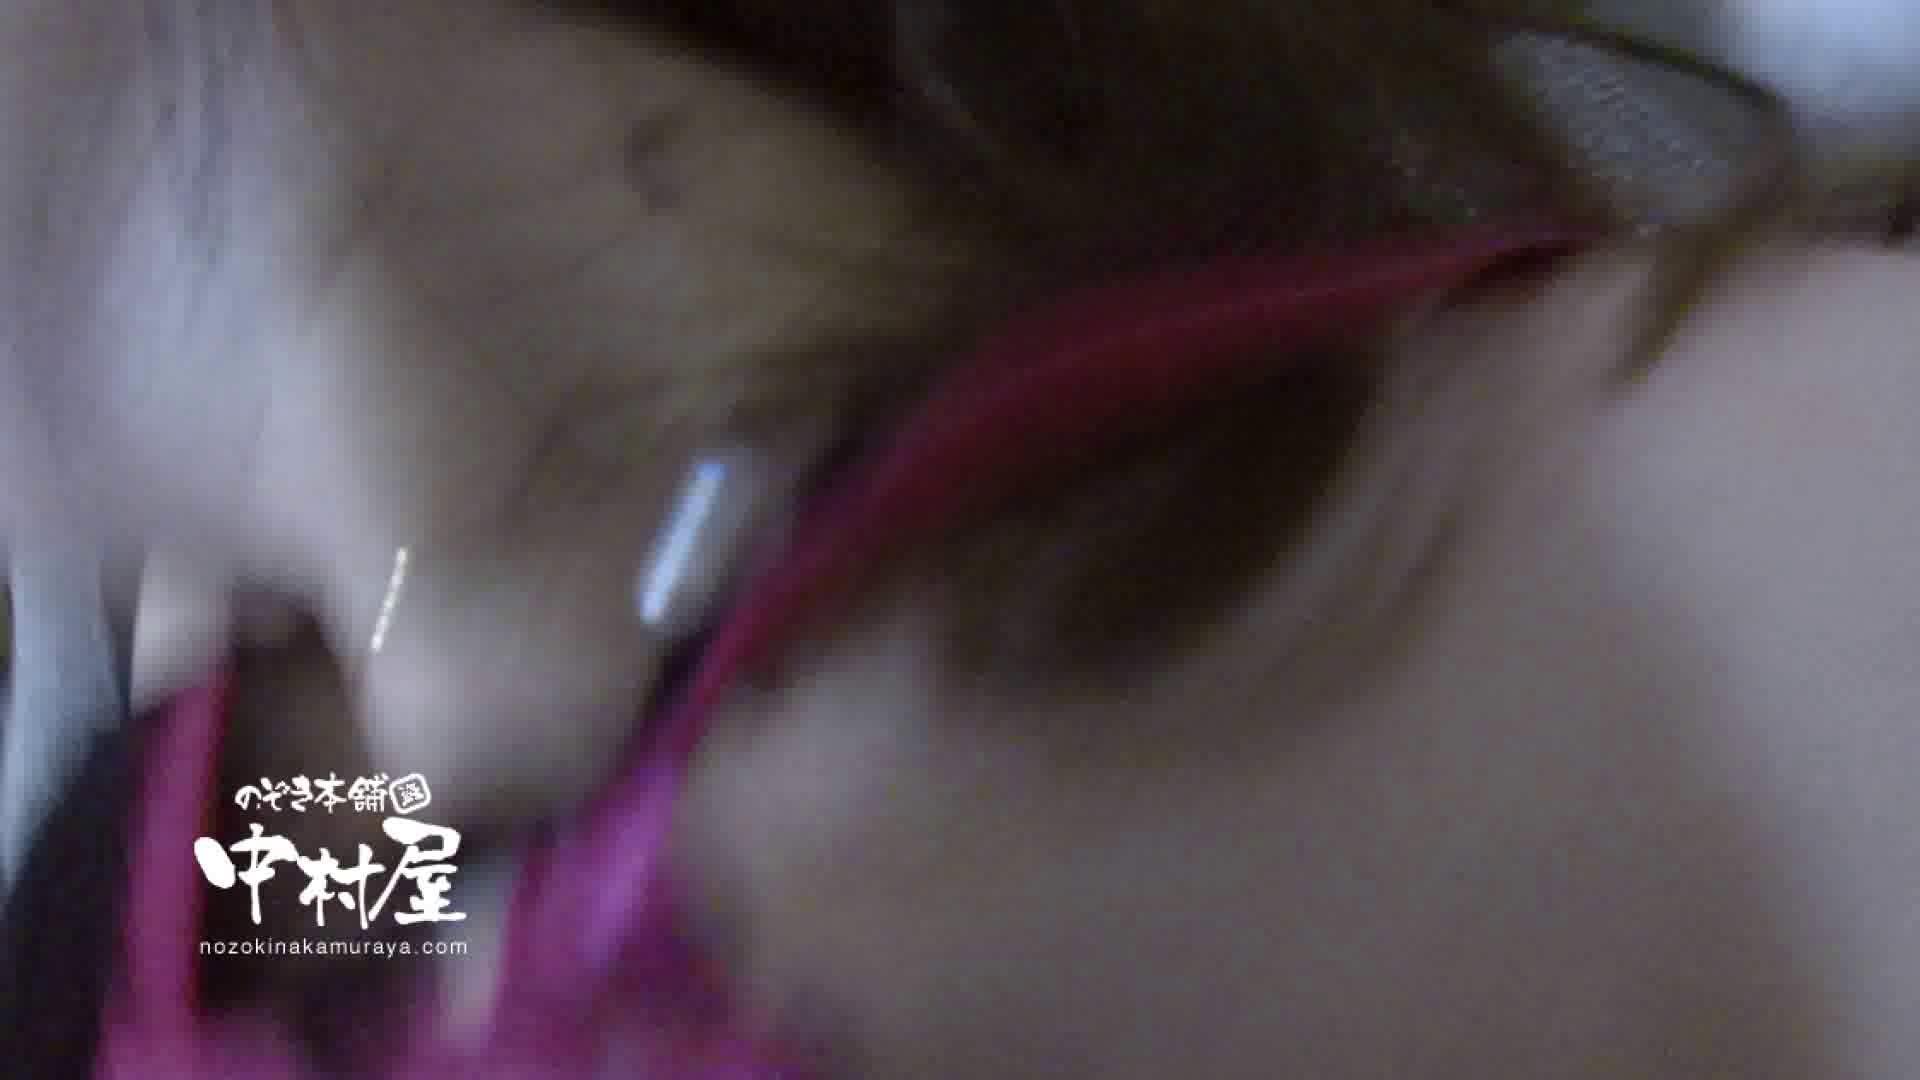 鬼畜 vol.12 剥ぎ取ったら色白でゴウモウだった 後編 OLハメ撮り  21Pix 1